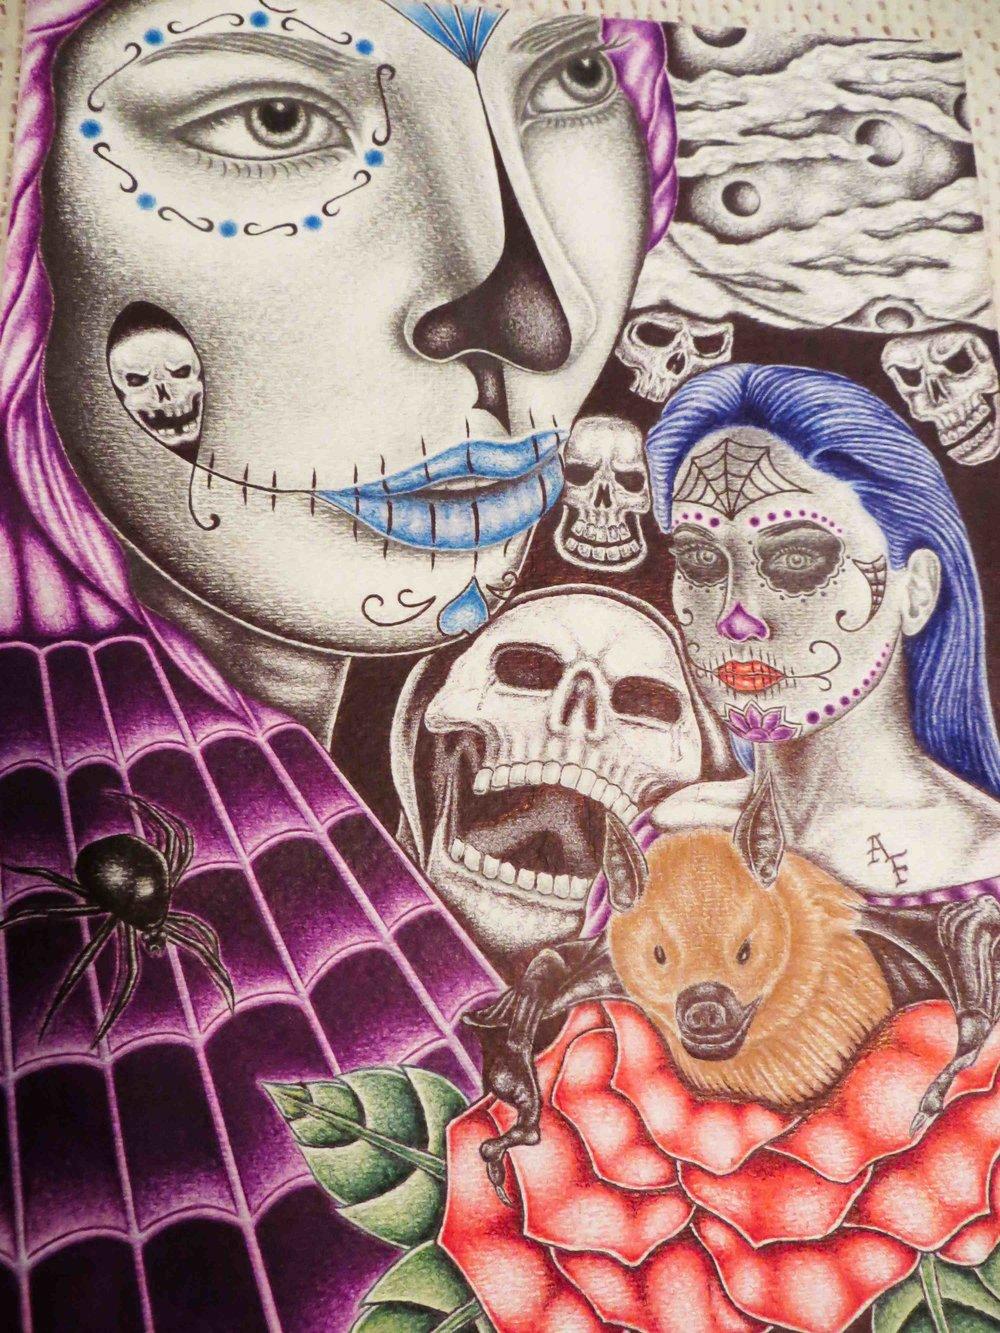 Happy Halloween/Dios de la Muerte color pen drawing 9x12 by Adam Flores